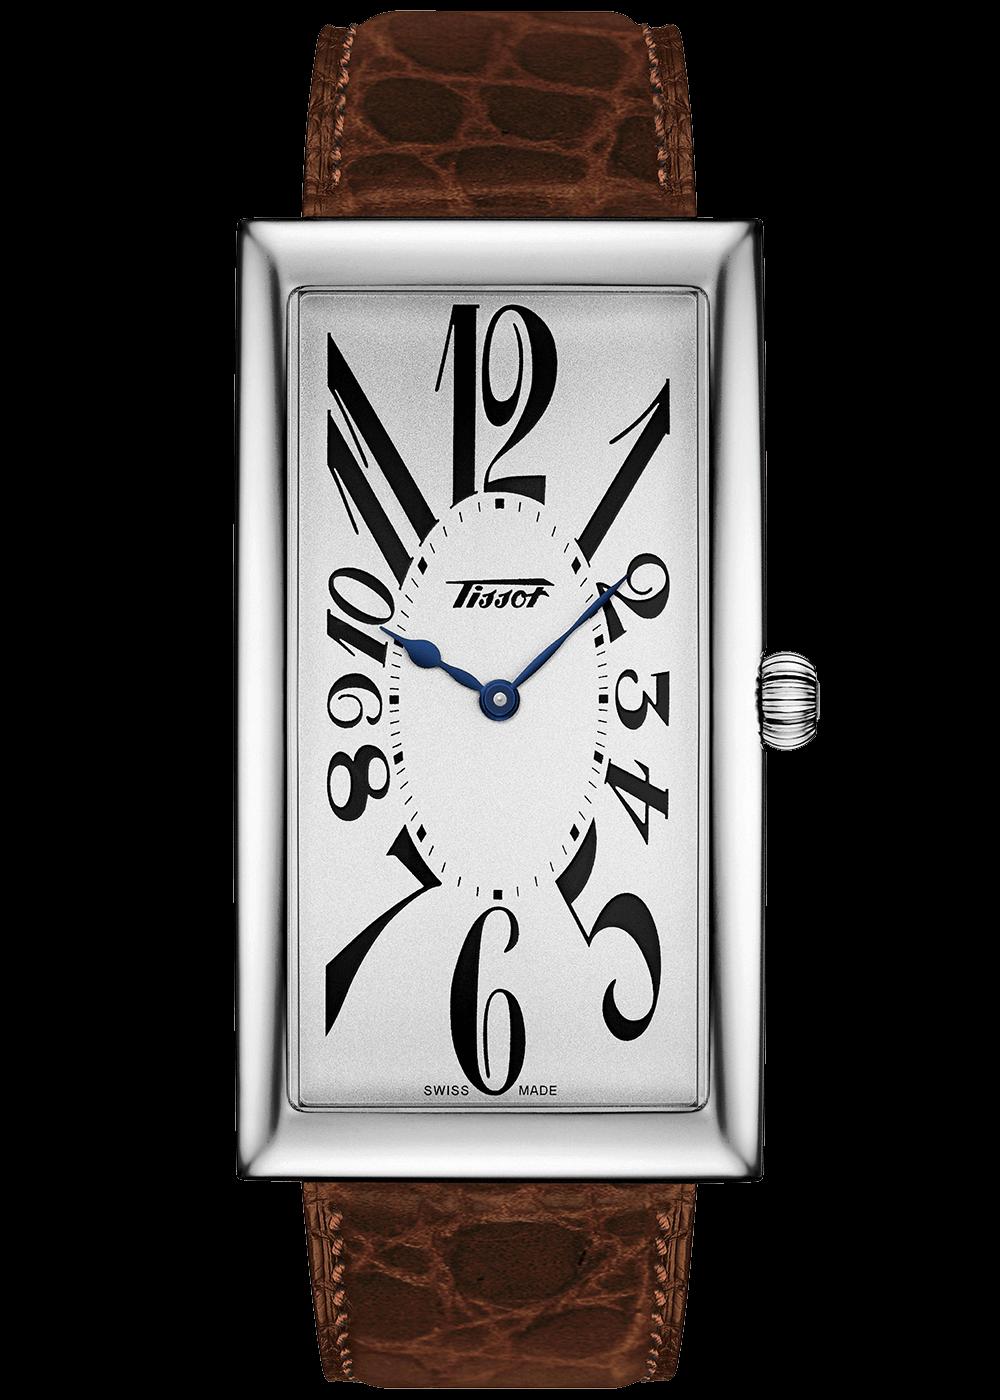 Tissot Uhren Zürich